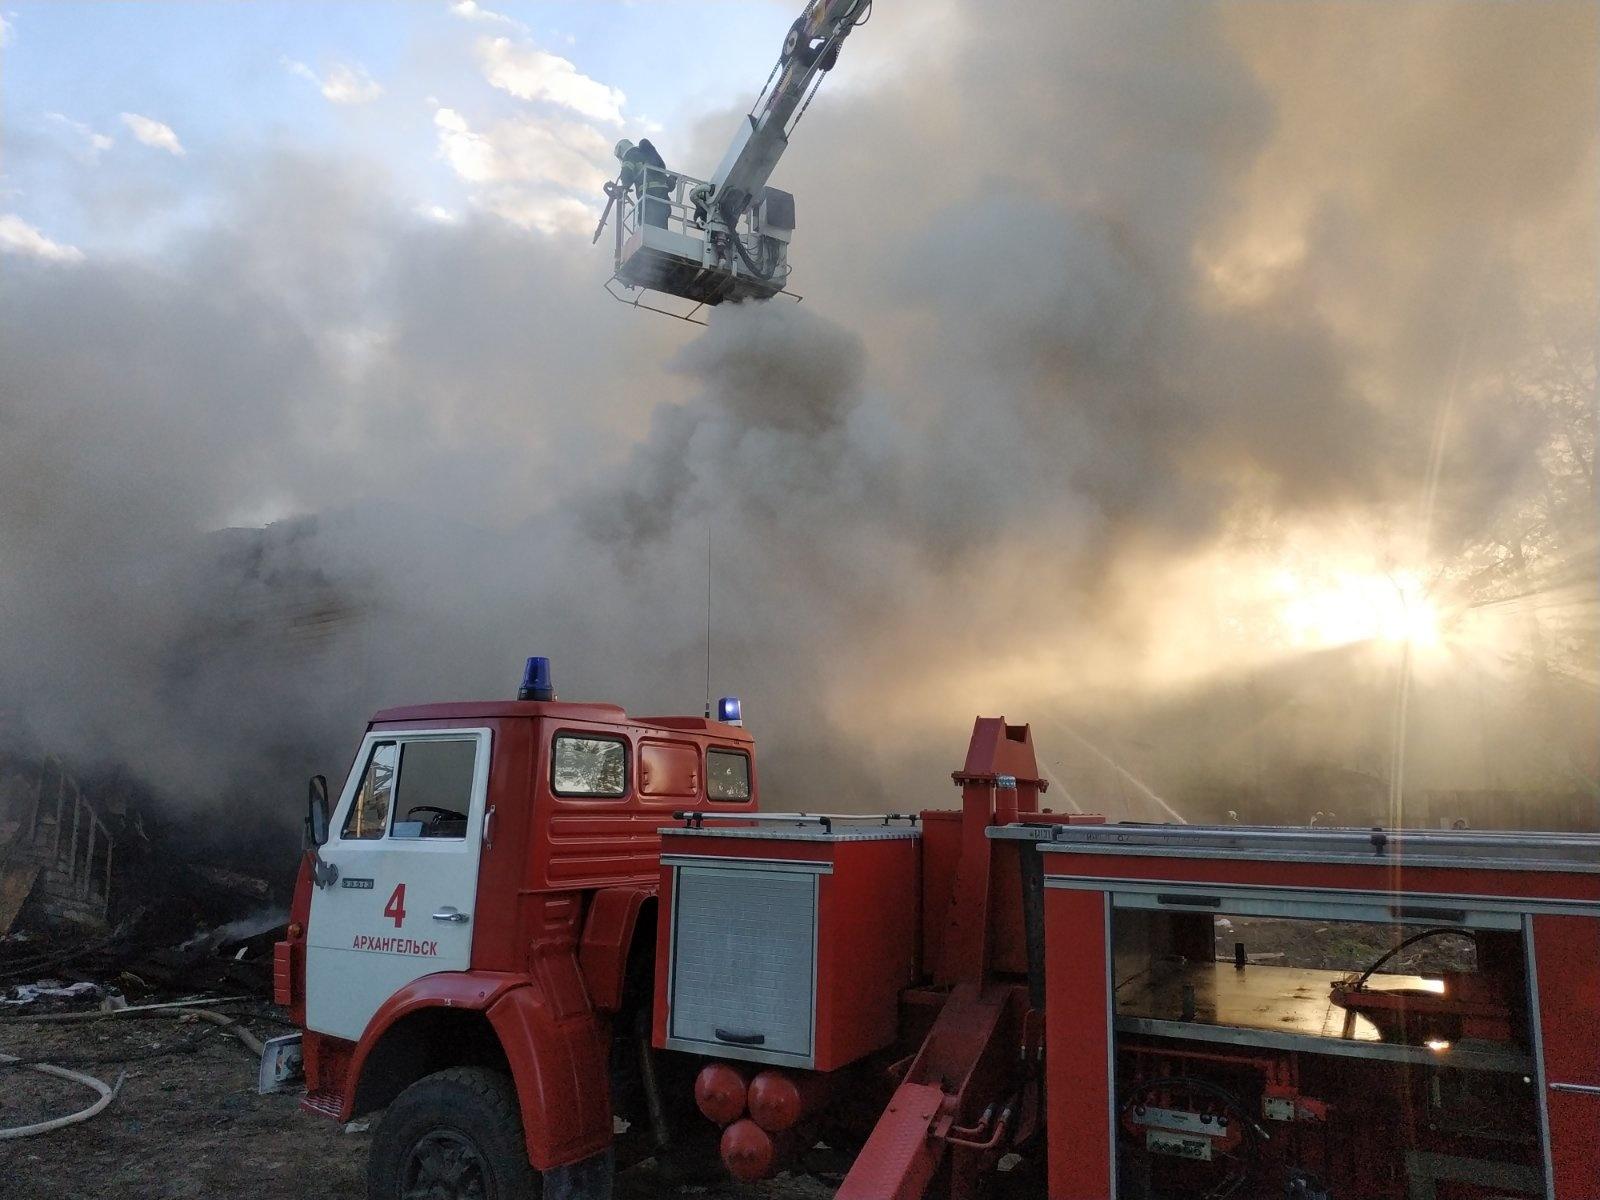 Пожарно-спасательные подразделения ликвидировали пожар в Верхнетоемском районе Архангельской области